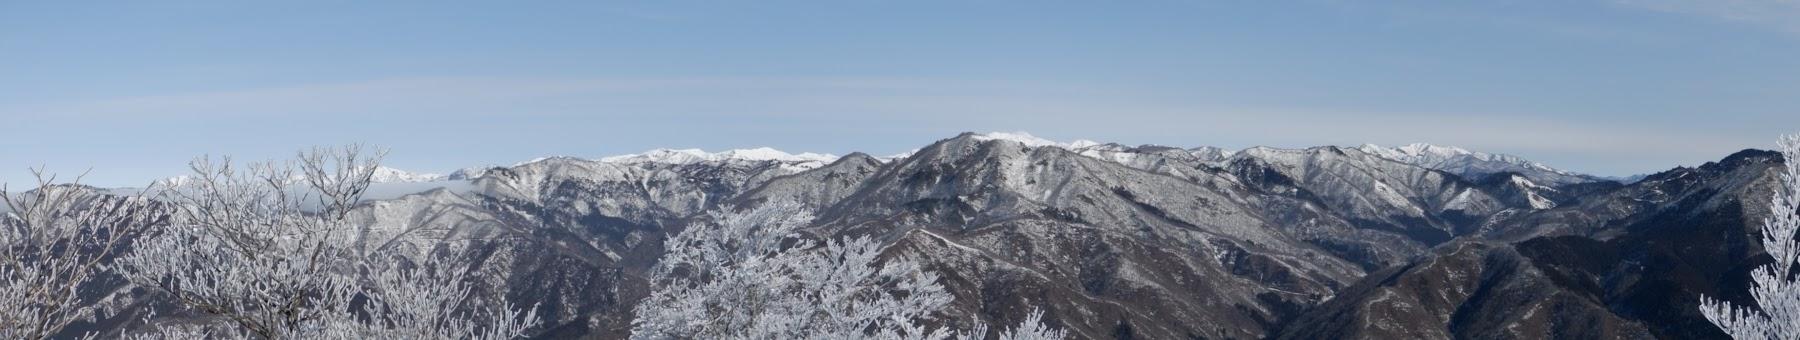 赤樽山手前からパノラマ